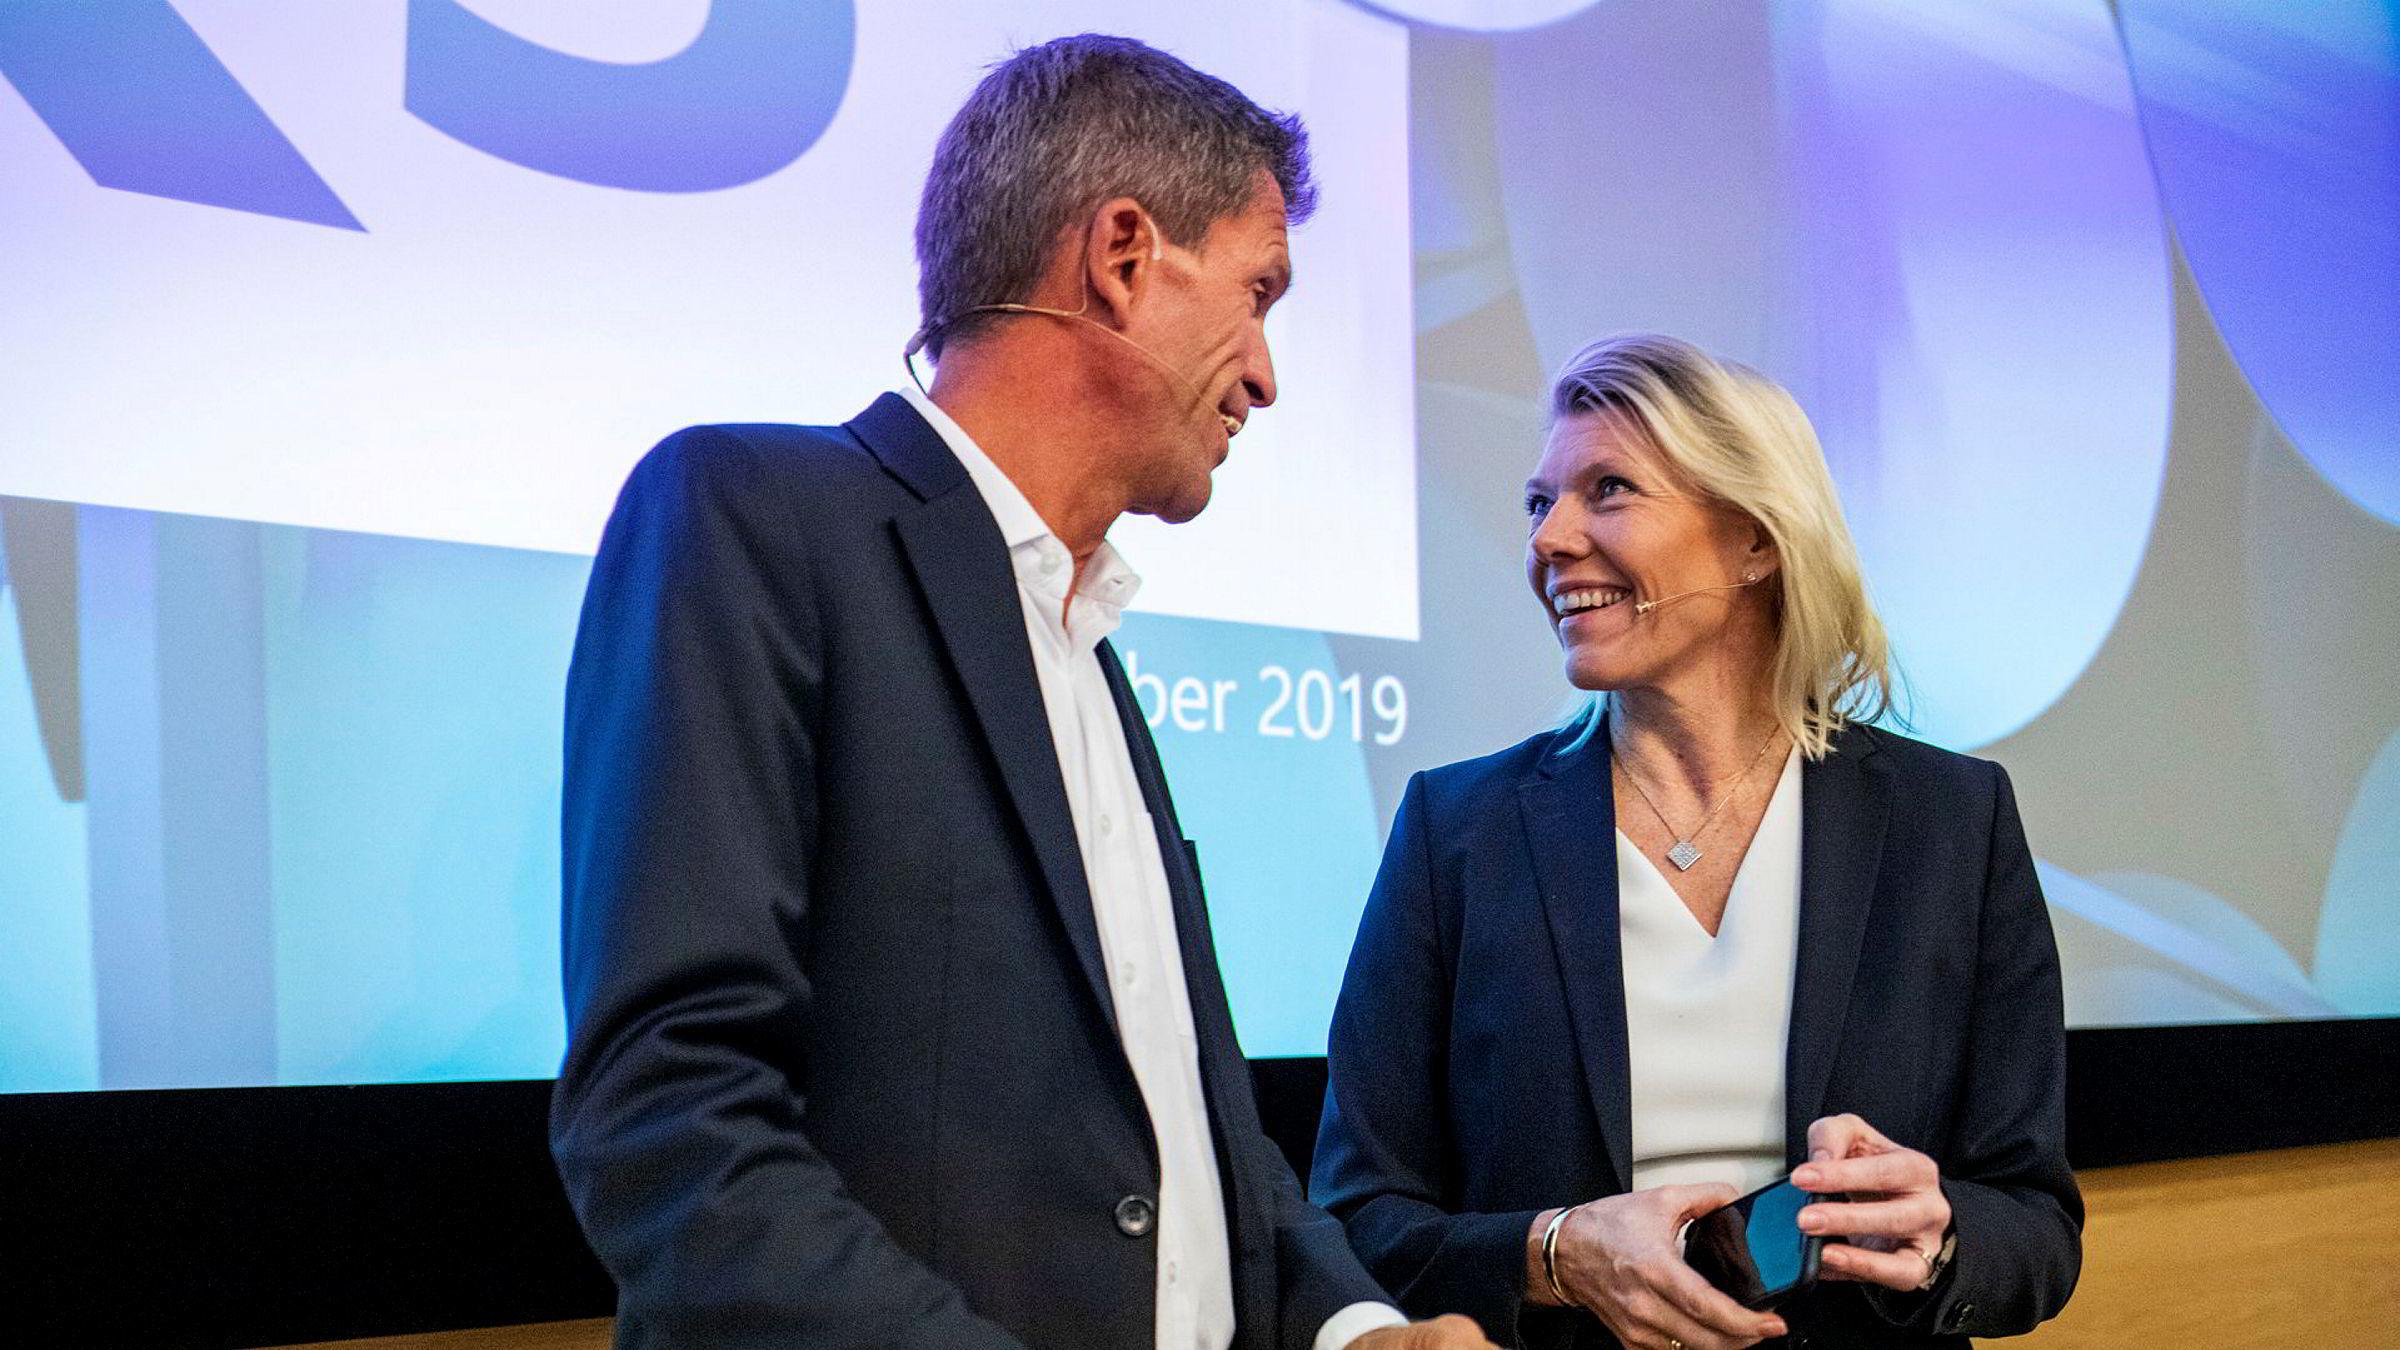 DNB-toppene Kjerstin Braathen (t.h.) og Ottar Ertzeid kunne legge frem et knallsterkt tredjekvartalsresultat torsdag, deres første i rollene som henholdsvis konsernsjef og finansdirektør.